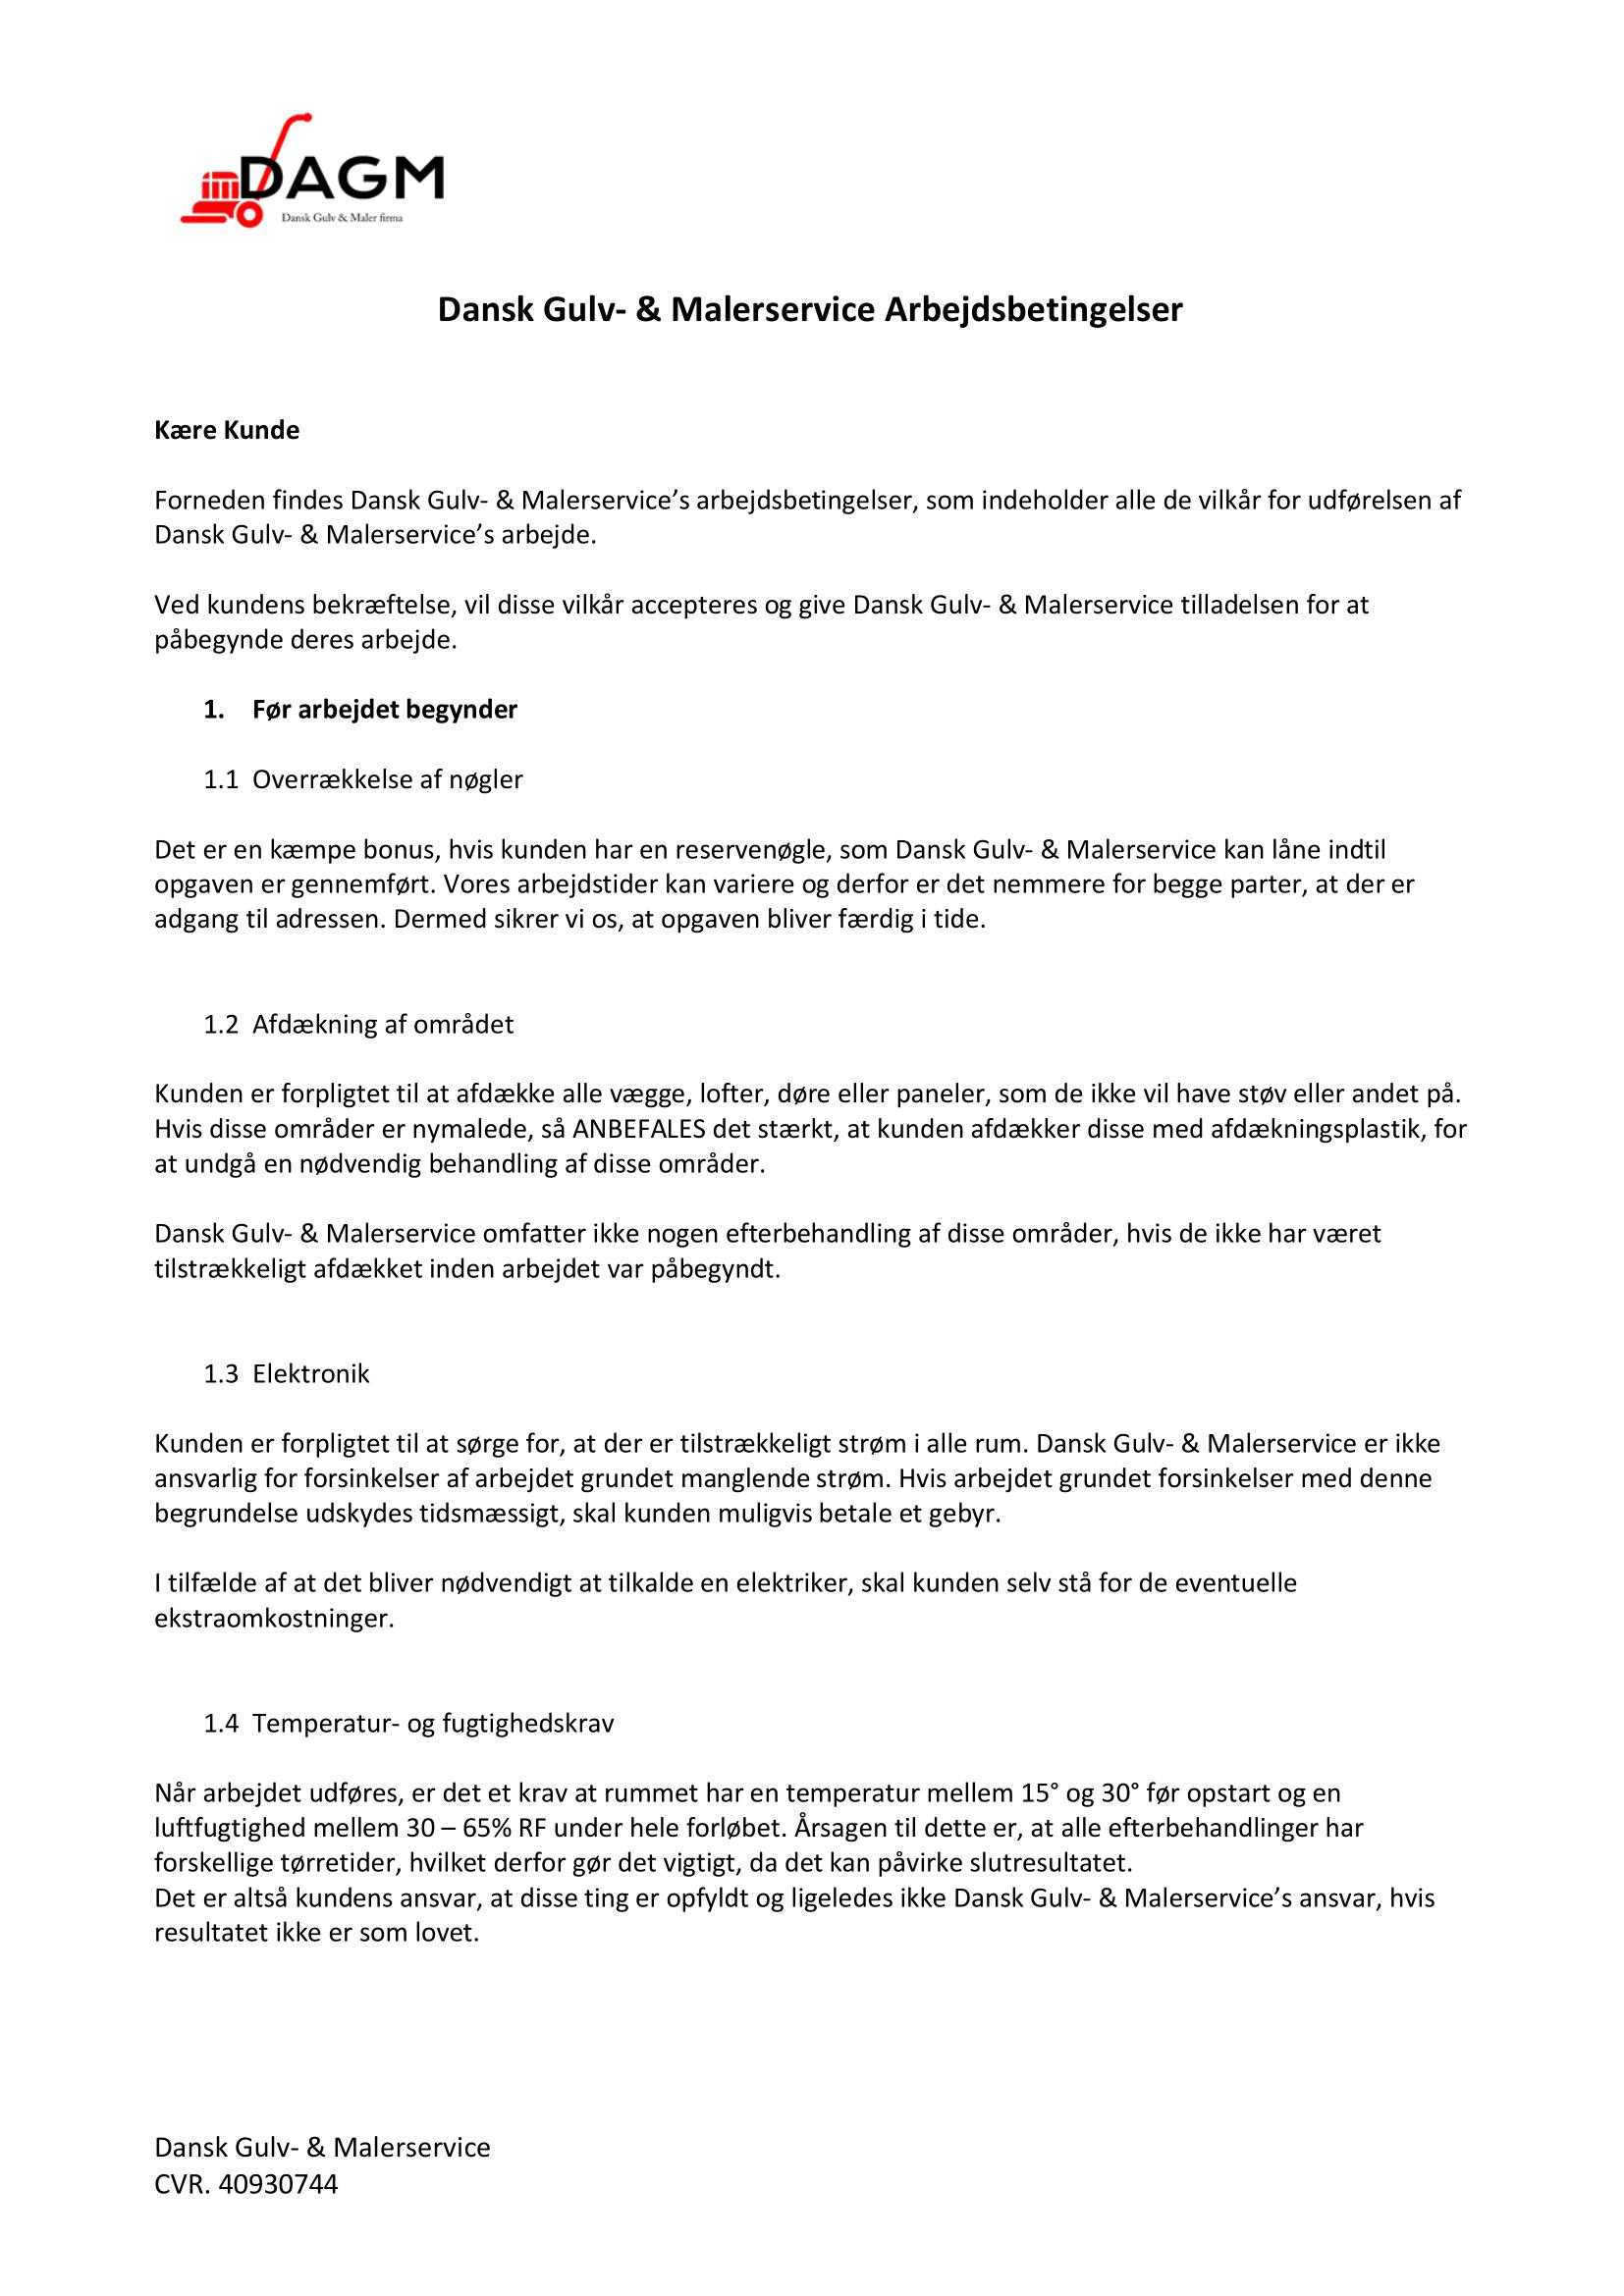 Arbejdsbetingelser-1